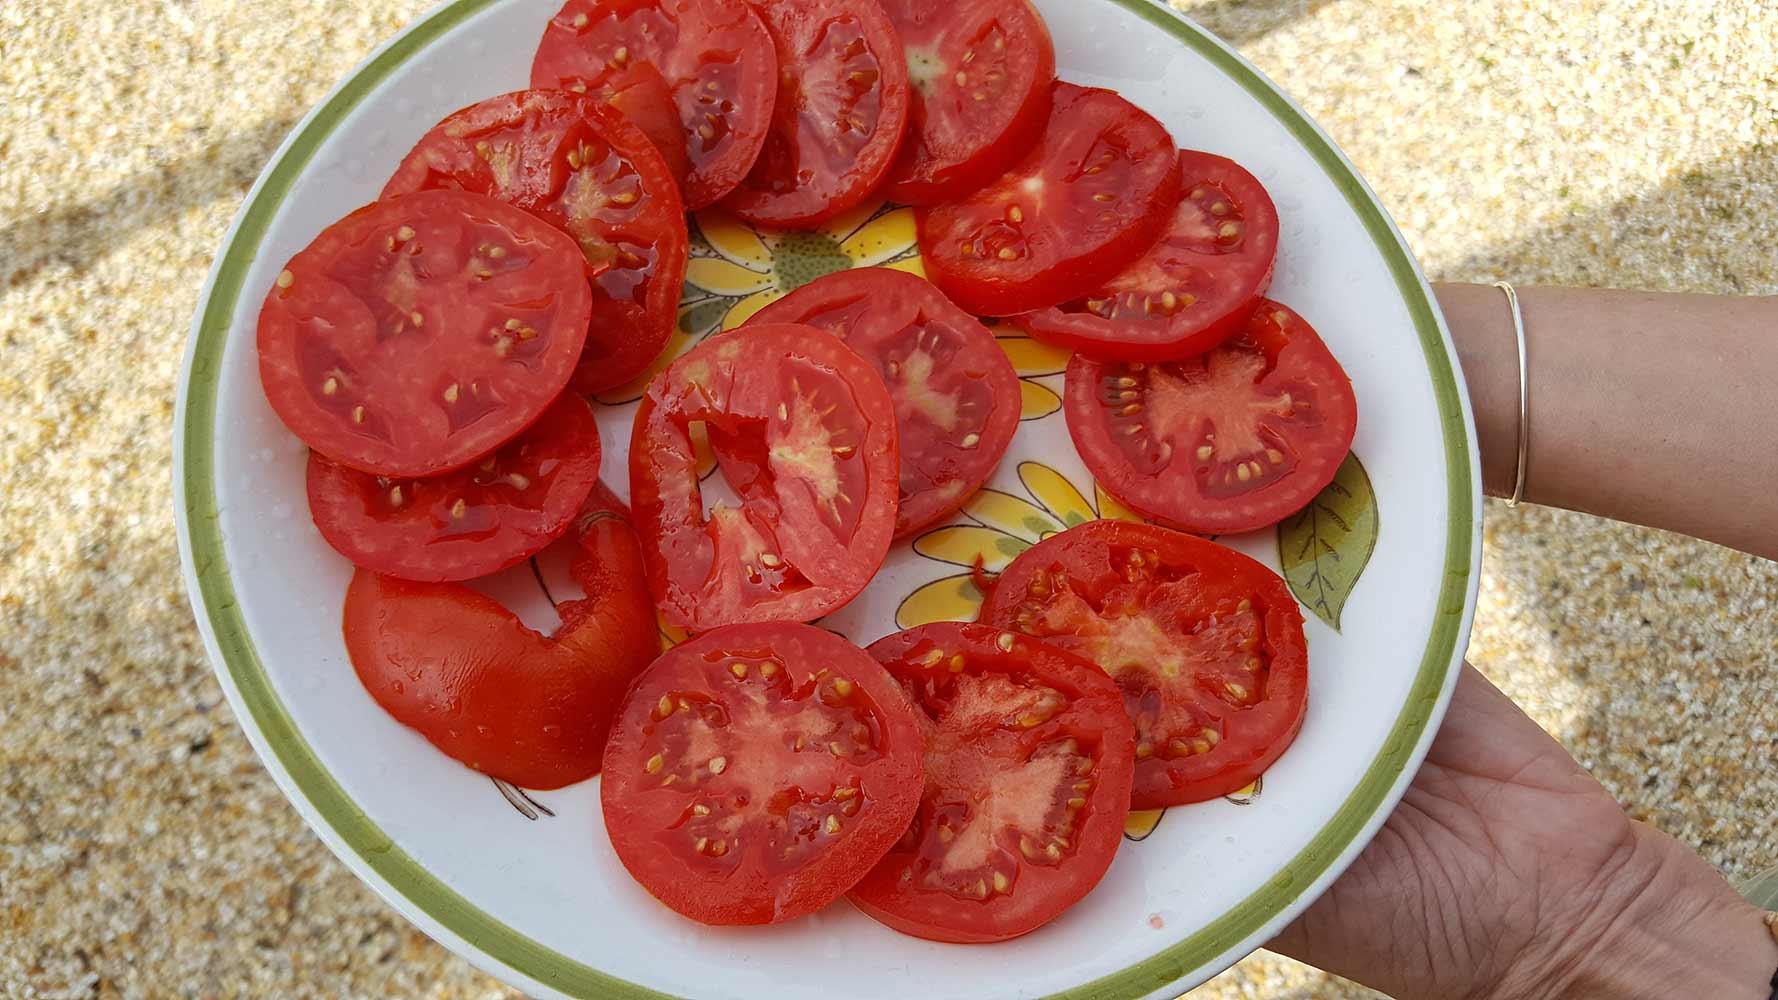 sliced-tomatoes-nj